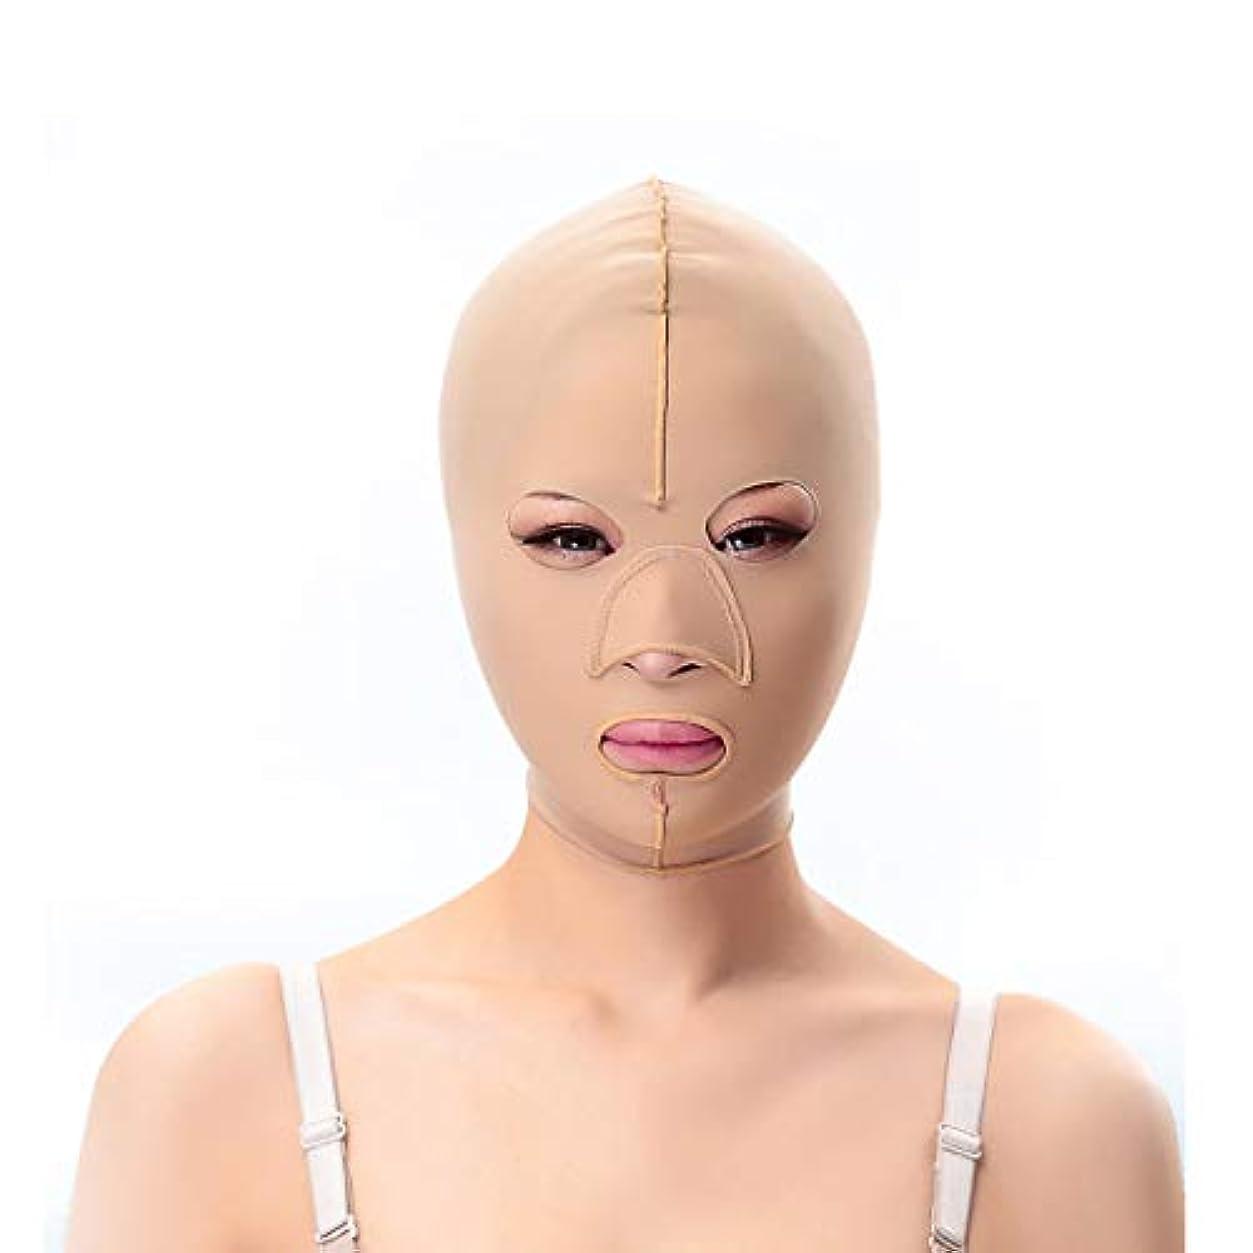 騒乱見通しバリーGLJJQMY 減量ベルトマスクフェイスマスク神聖なパターンリフト二重あご引き締め顔面プラスチック顔面アーティファクト強力な顔面包帯 顔用整形マスク (Size : L)